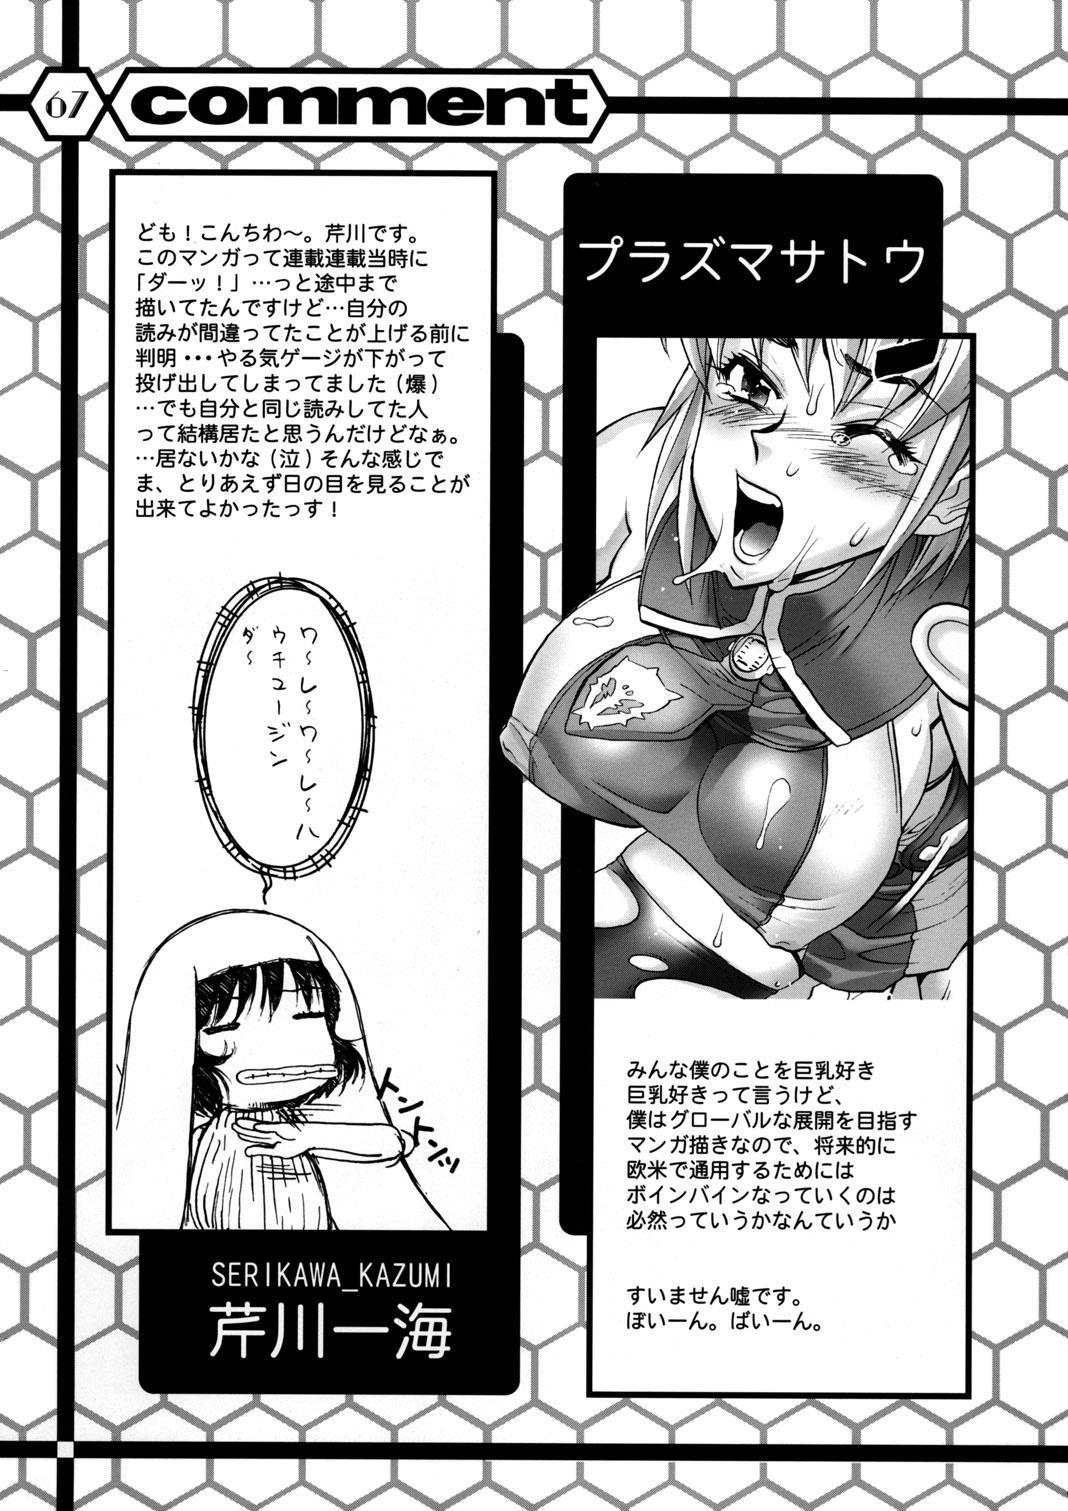 Slave Unit Vol.3 Hokka Hokka Musume 65